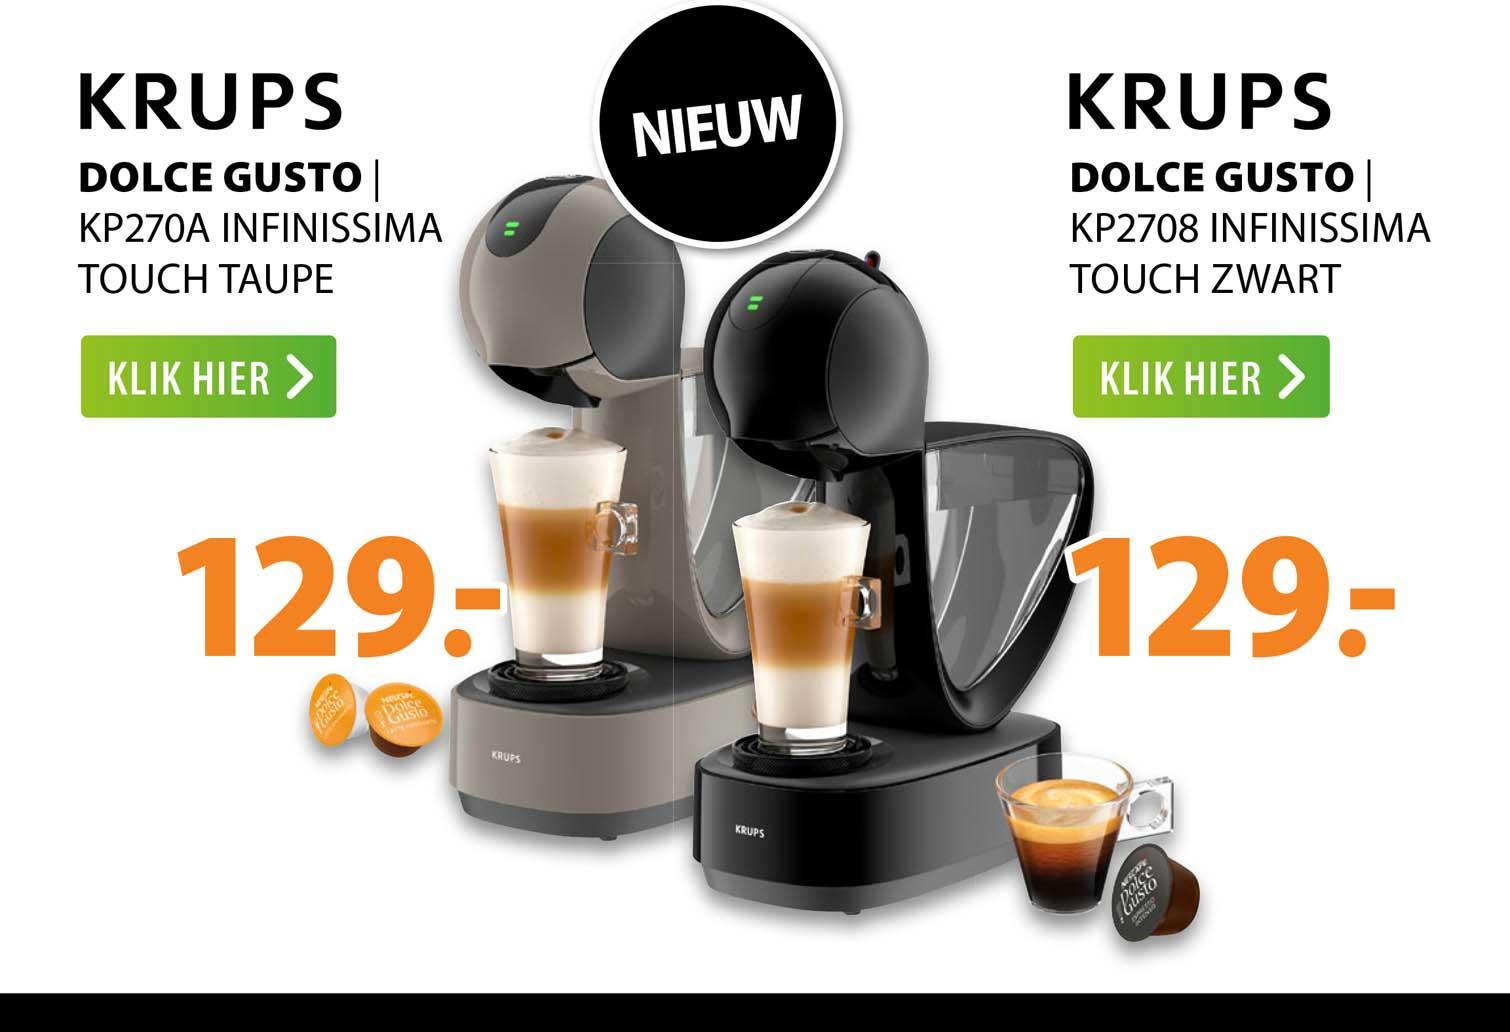 Expert Krups Dolce Gusto   KP270A Infinissima Touch Taupe Of Krups Dolce Gusto   KP2708 Infinissima Touch Zwart